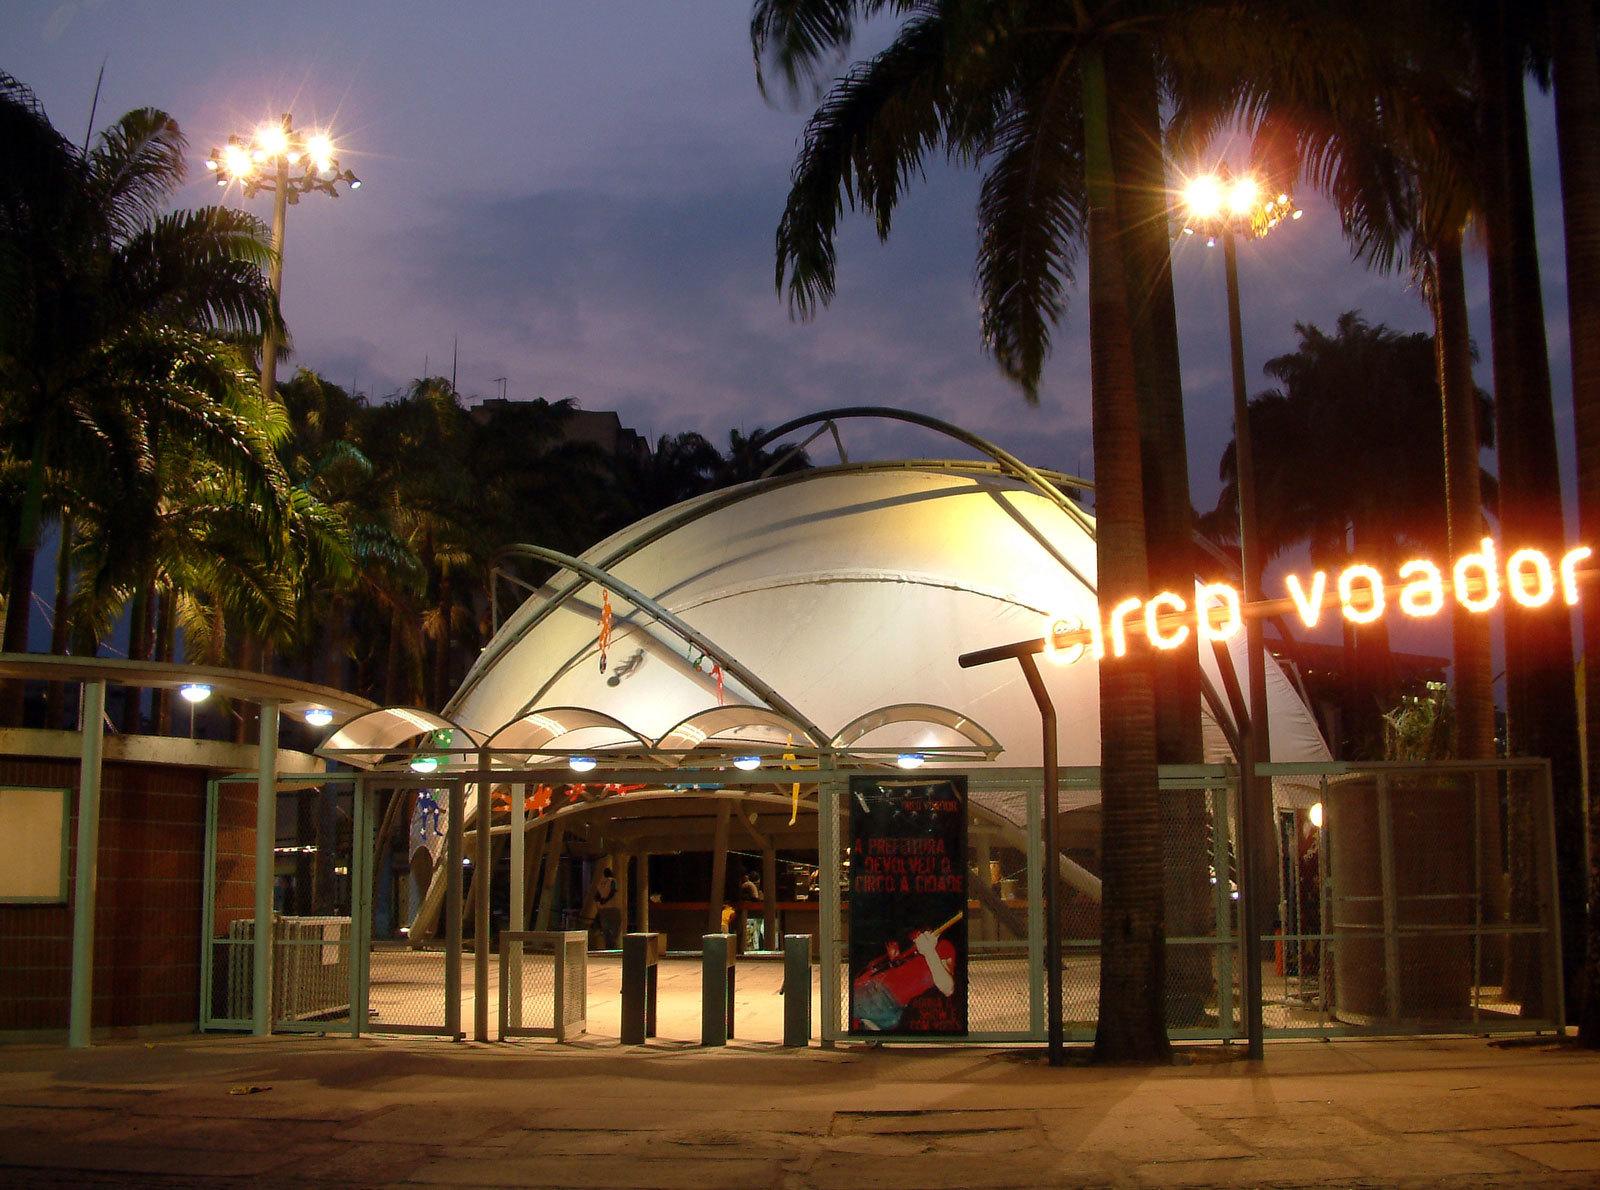 Circo Voador, Rio de Janeiro